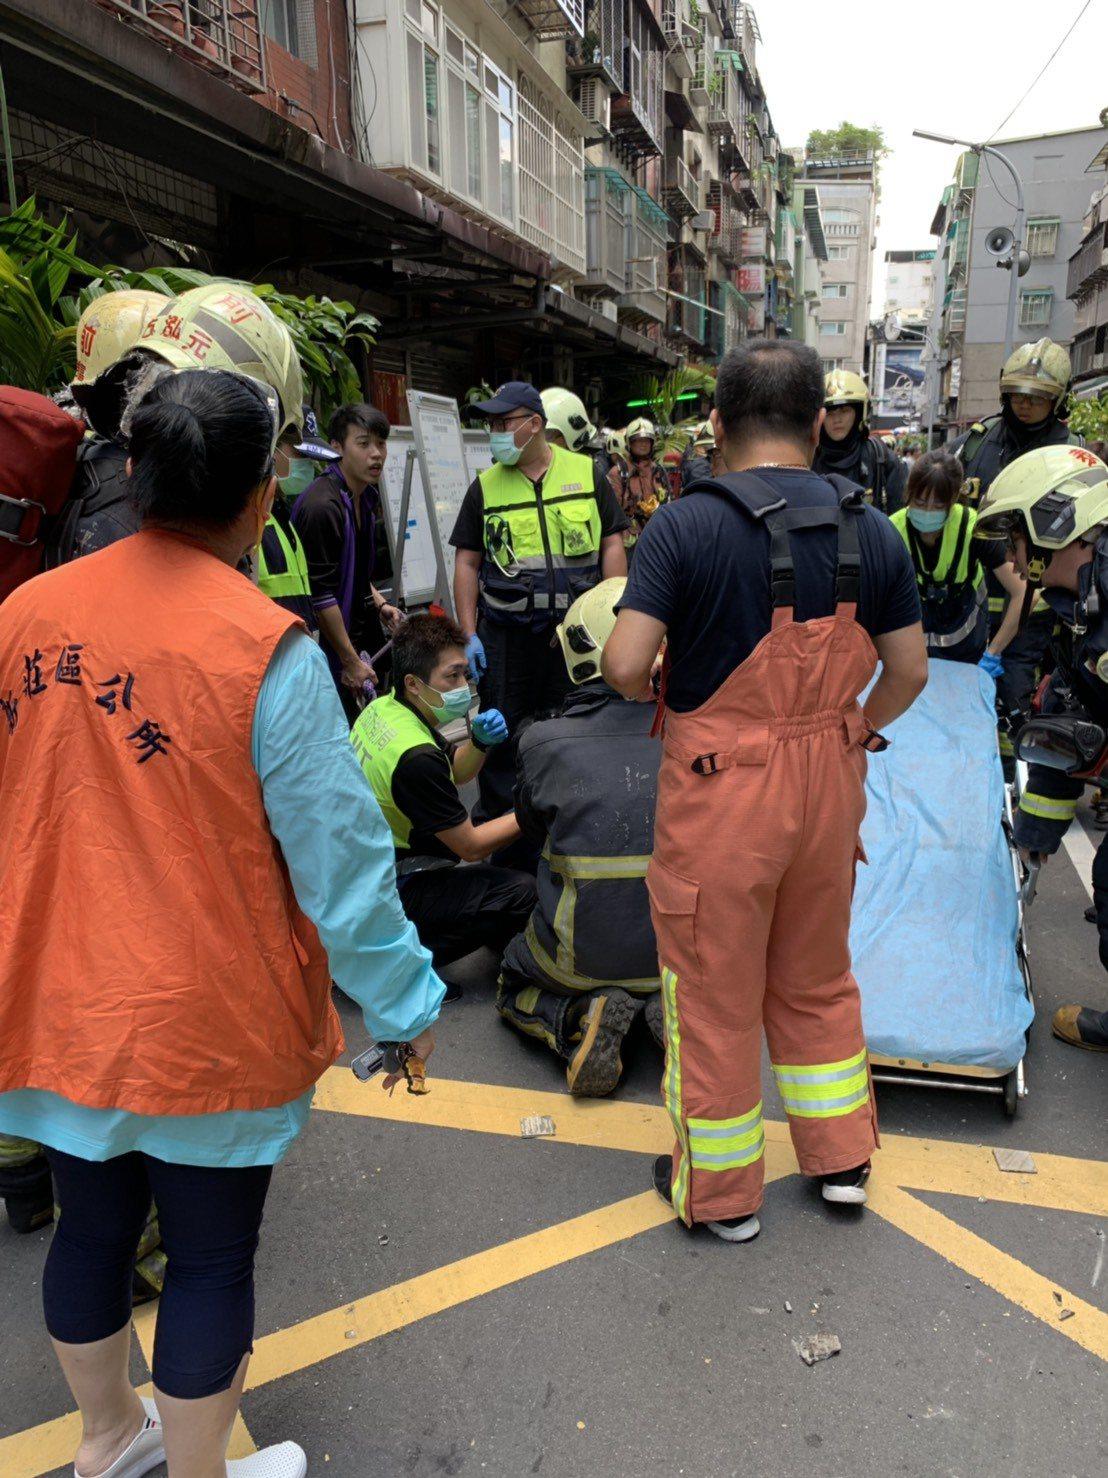 女屋主返家見住家失火,當場嚇到暈厥被送醫急救。記者巫鴻瑋/攝影